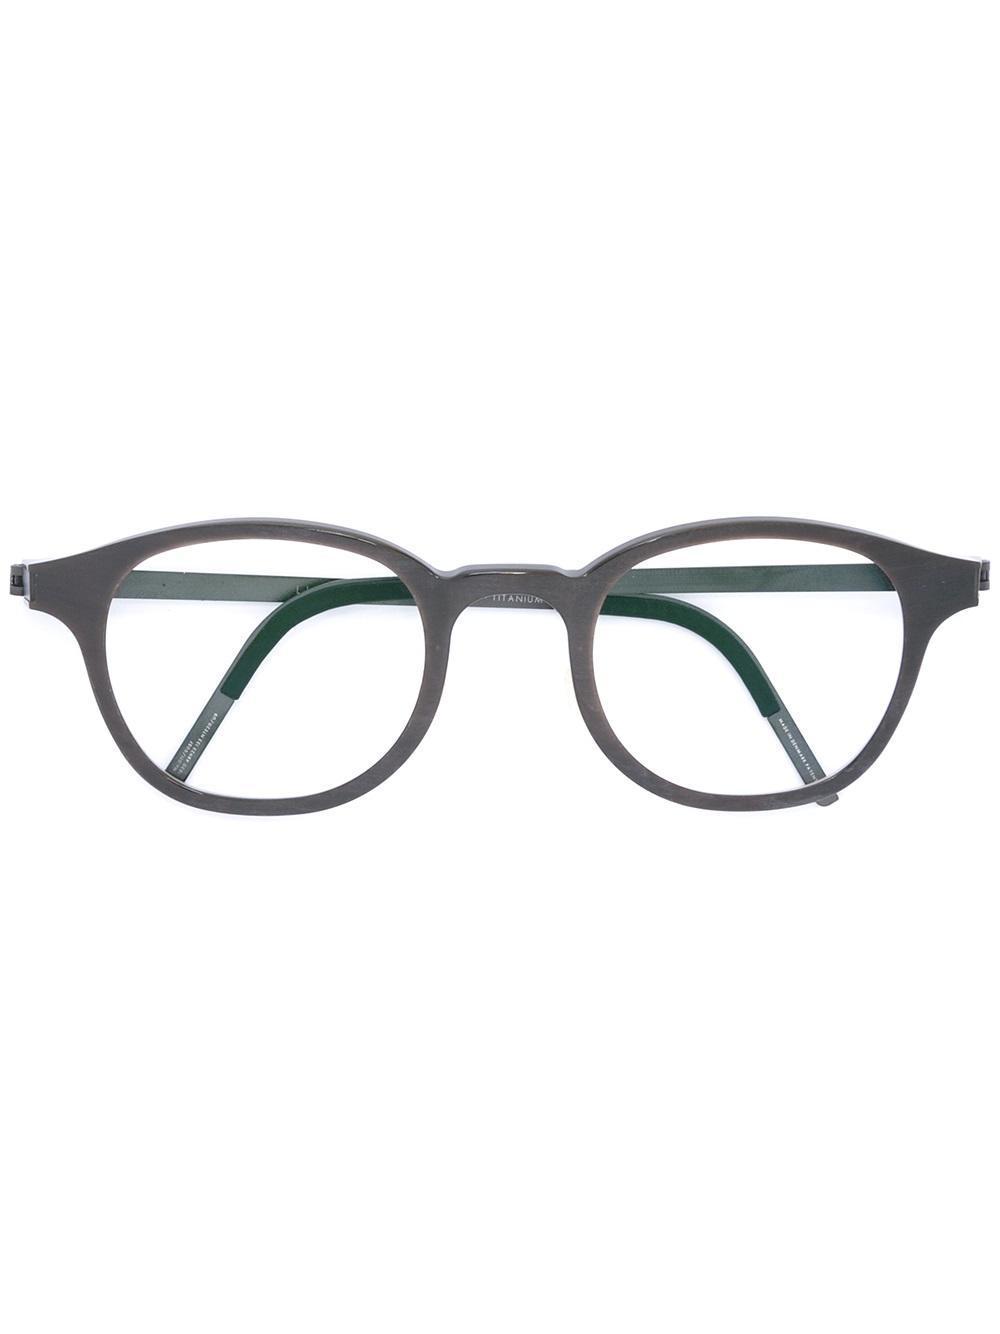 634989d44007 Lyst - Lindberg  horn  Glasses in Gray